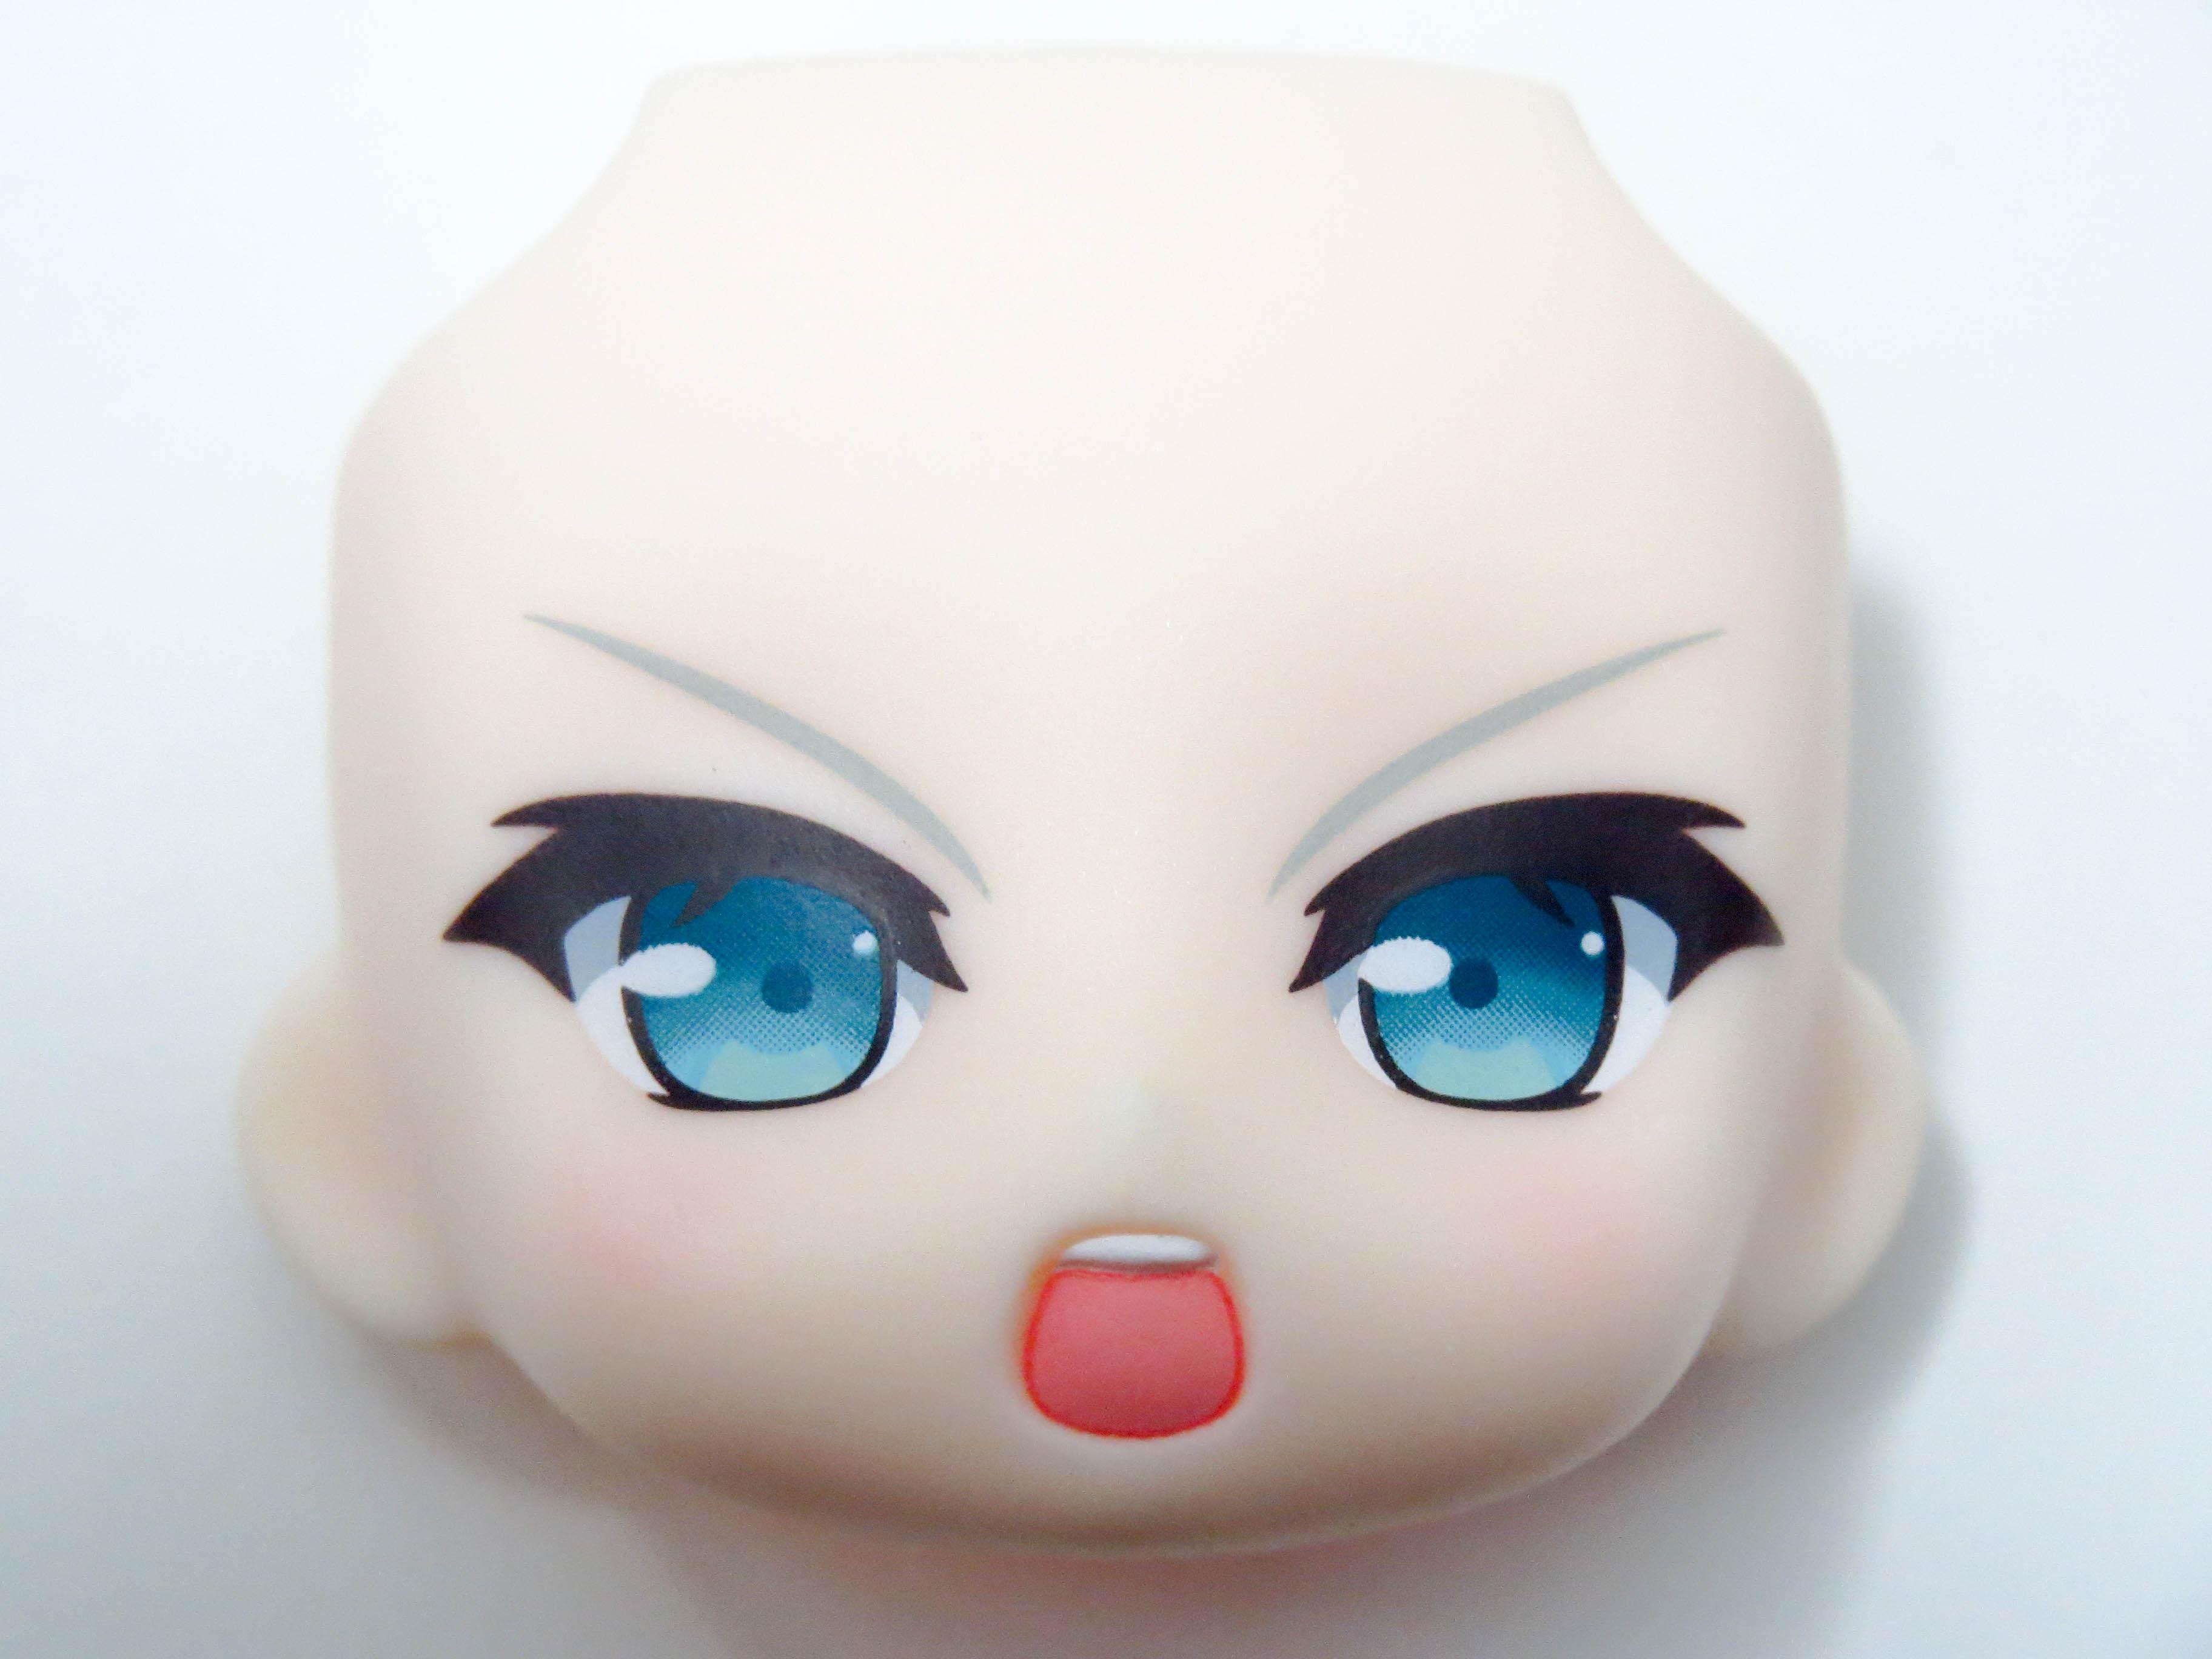 【SALE】【602】 シビラ 顔パーツ 戦闘顔 ねんどろいど